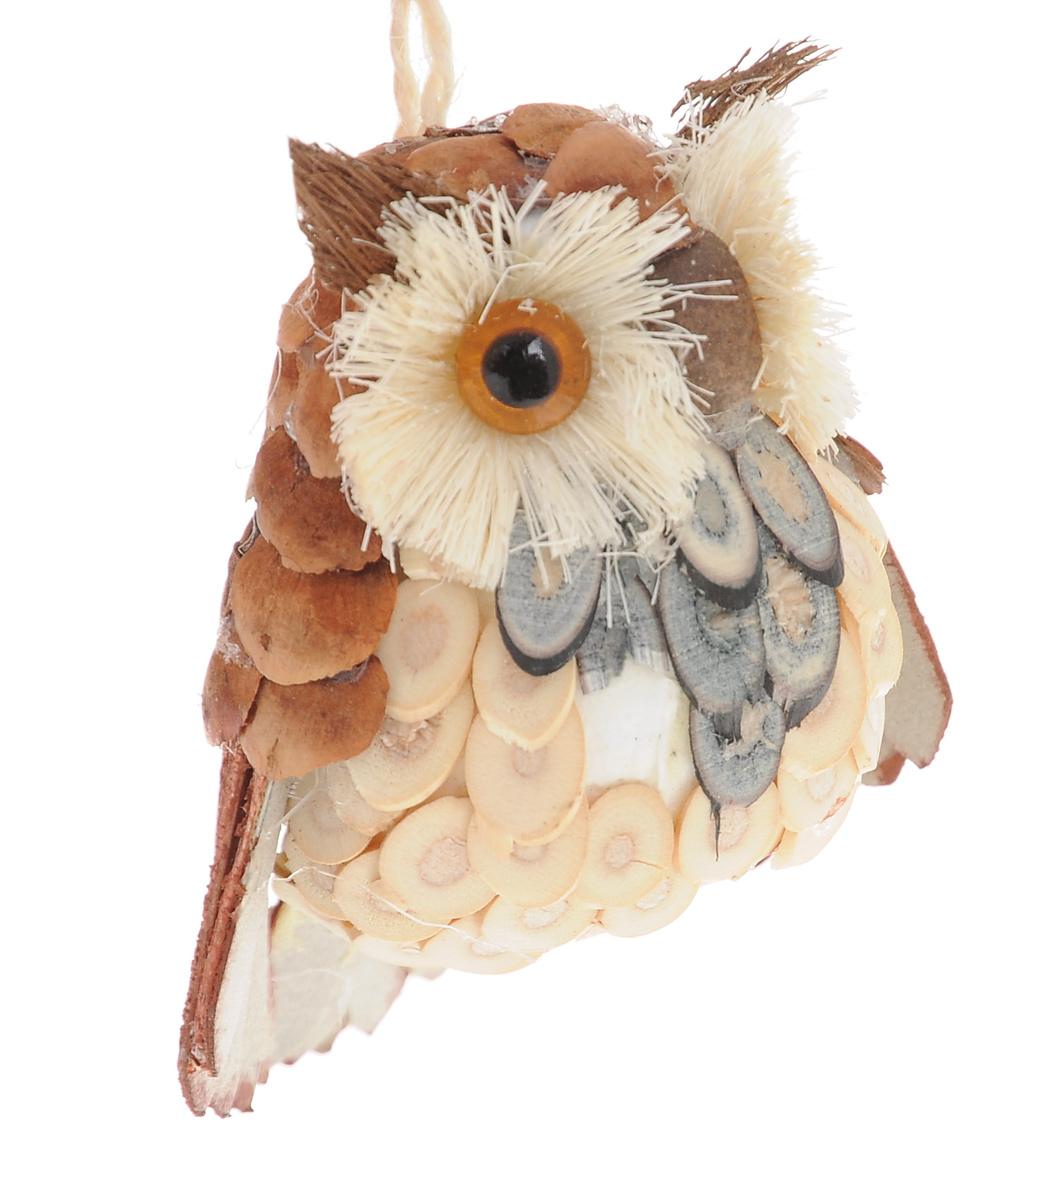 Новогоднее подвесное украшение Winter Wings Сова. N181389N181389Подвесное украшение Winter Wings Сова, изготовленное из соломы и натуральных материалов, станет отличным новогодним украшением. Подвешивается на елку с помощью текстильной петельки. Ваша зеленая красавица с таким украшением будет выглядеть стильно и волшебно. Создайте в своем доме по- настоящему сказочную атмосферу.